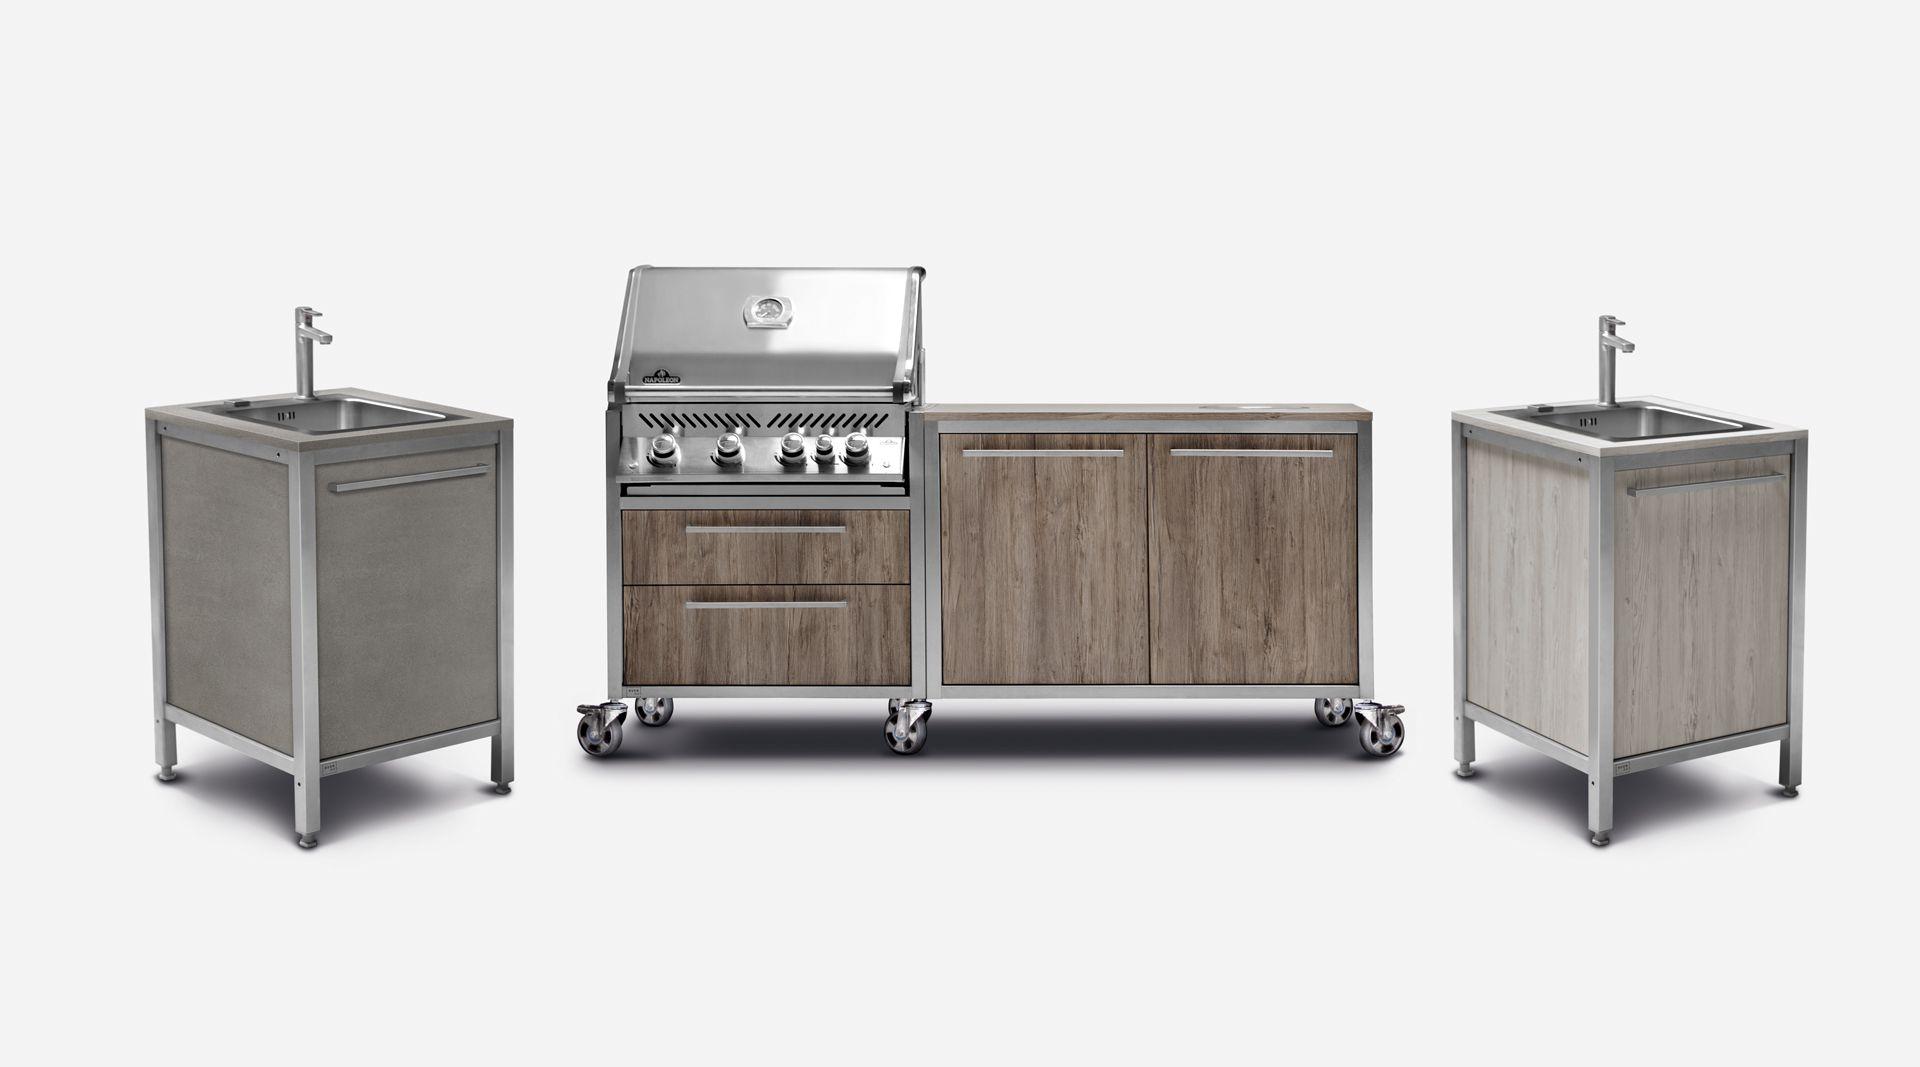 Unsere Kuchen Burnout Kitchen Die Outdoorkuche Outdoor Storage Box Outdoor Storage Outdoor Furniture